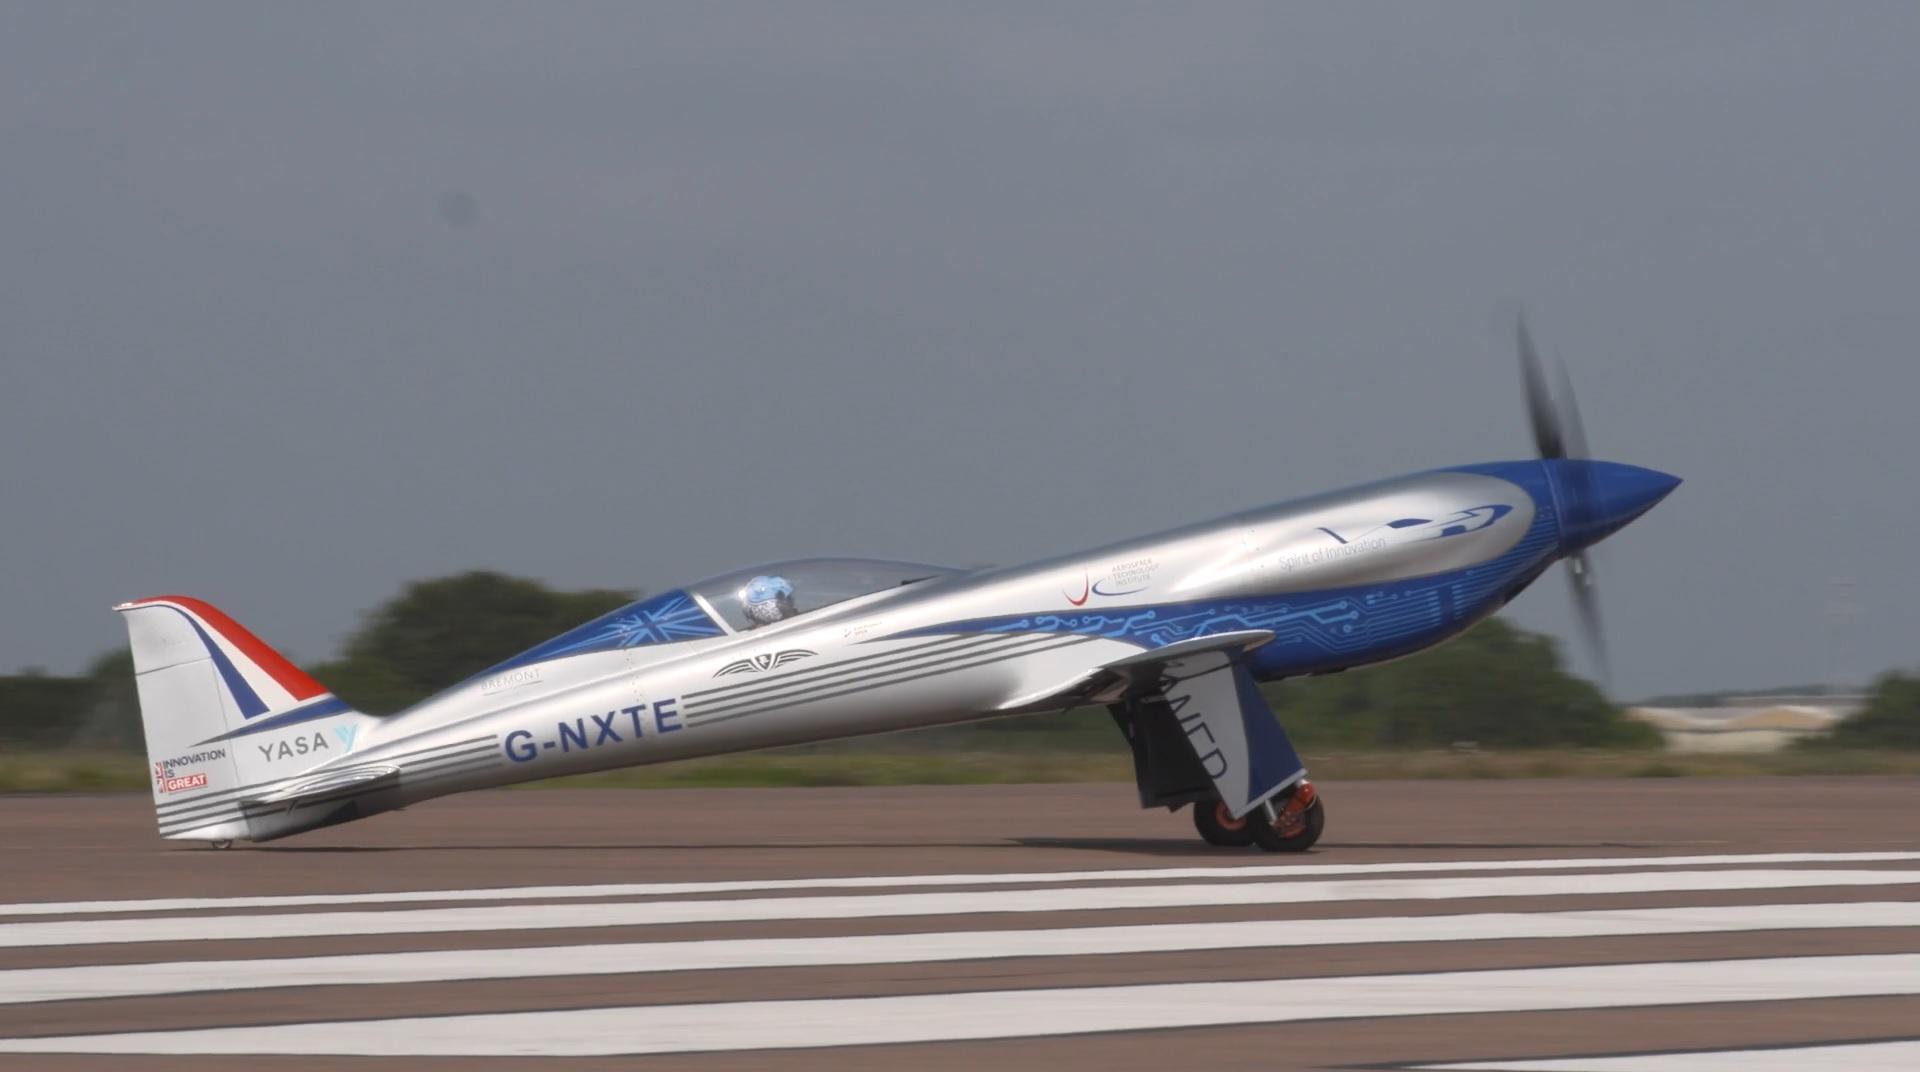 Rolls-Royce a efectuat primul zbor electric. Prototipul s-a menţinut în aer timp de 15 minute